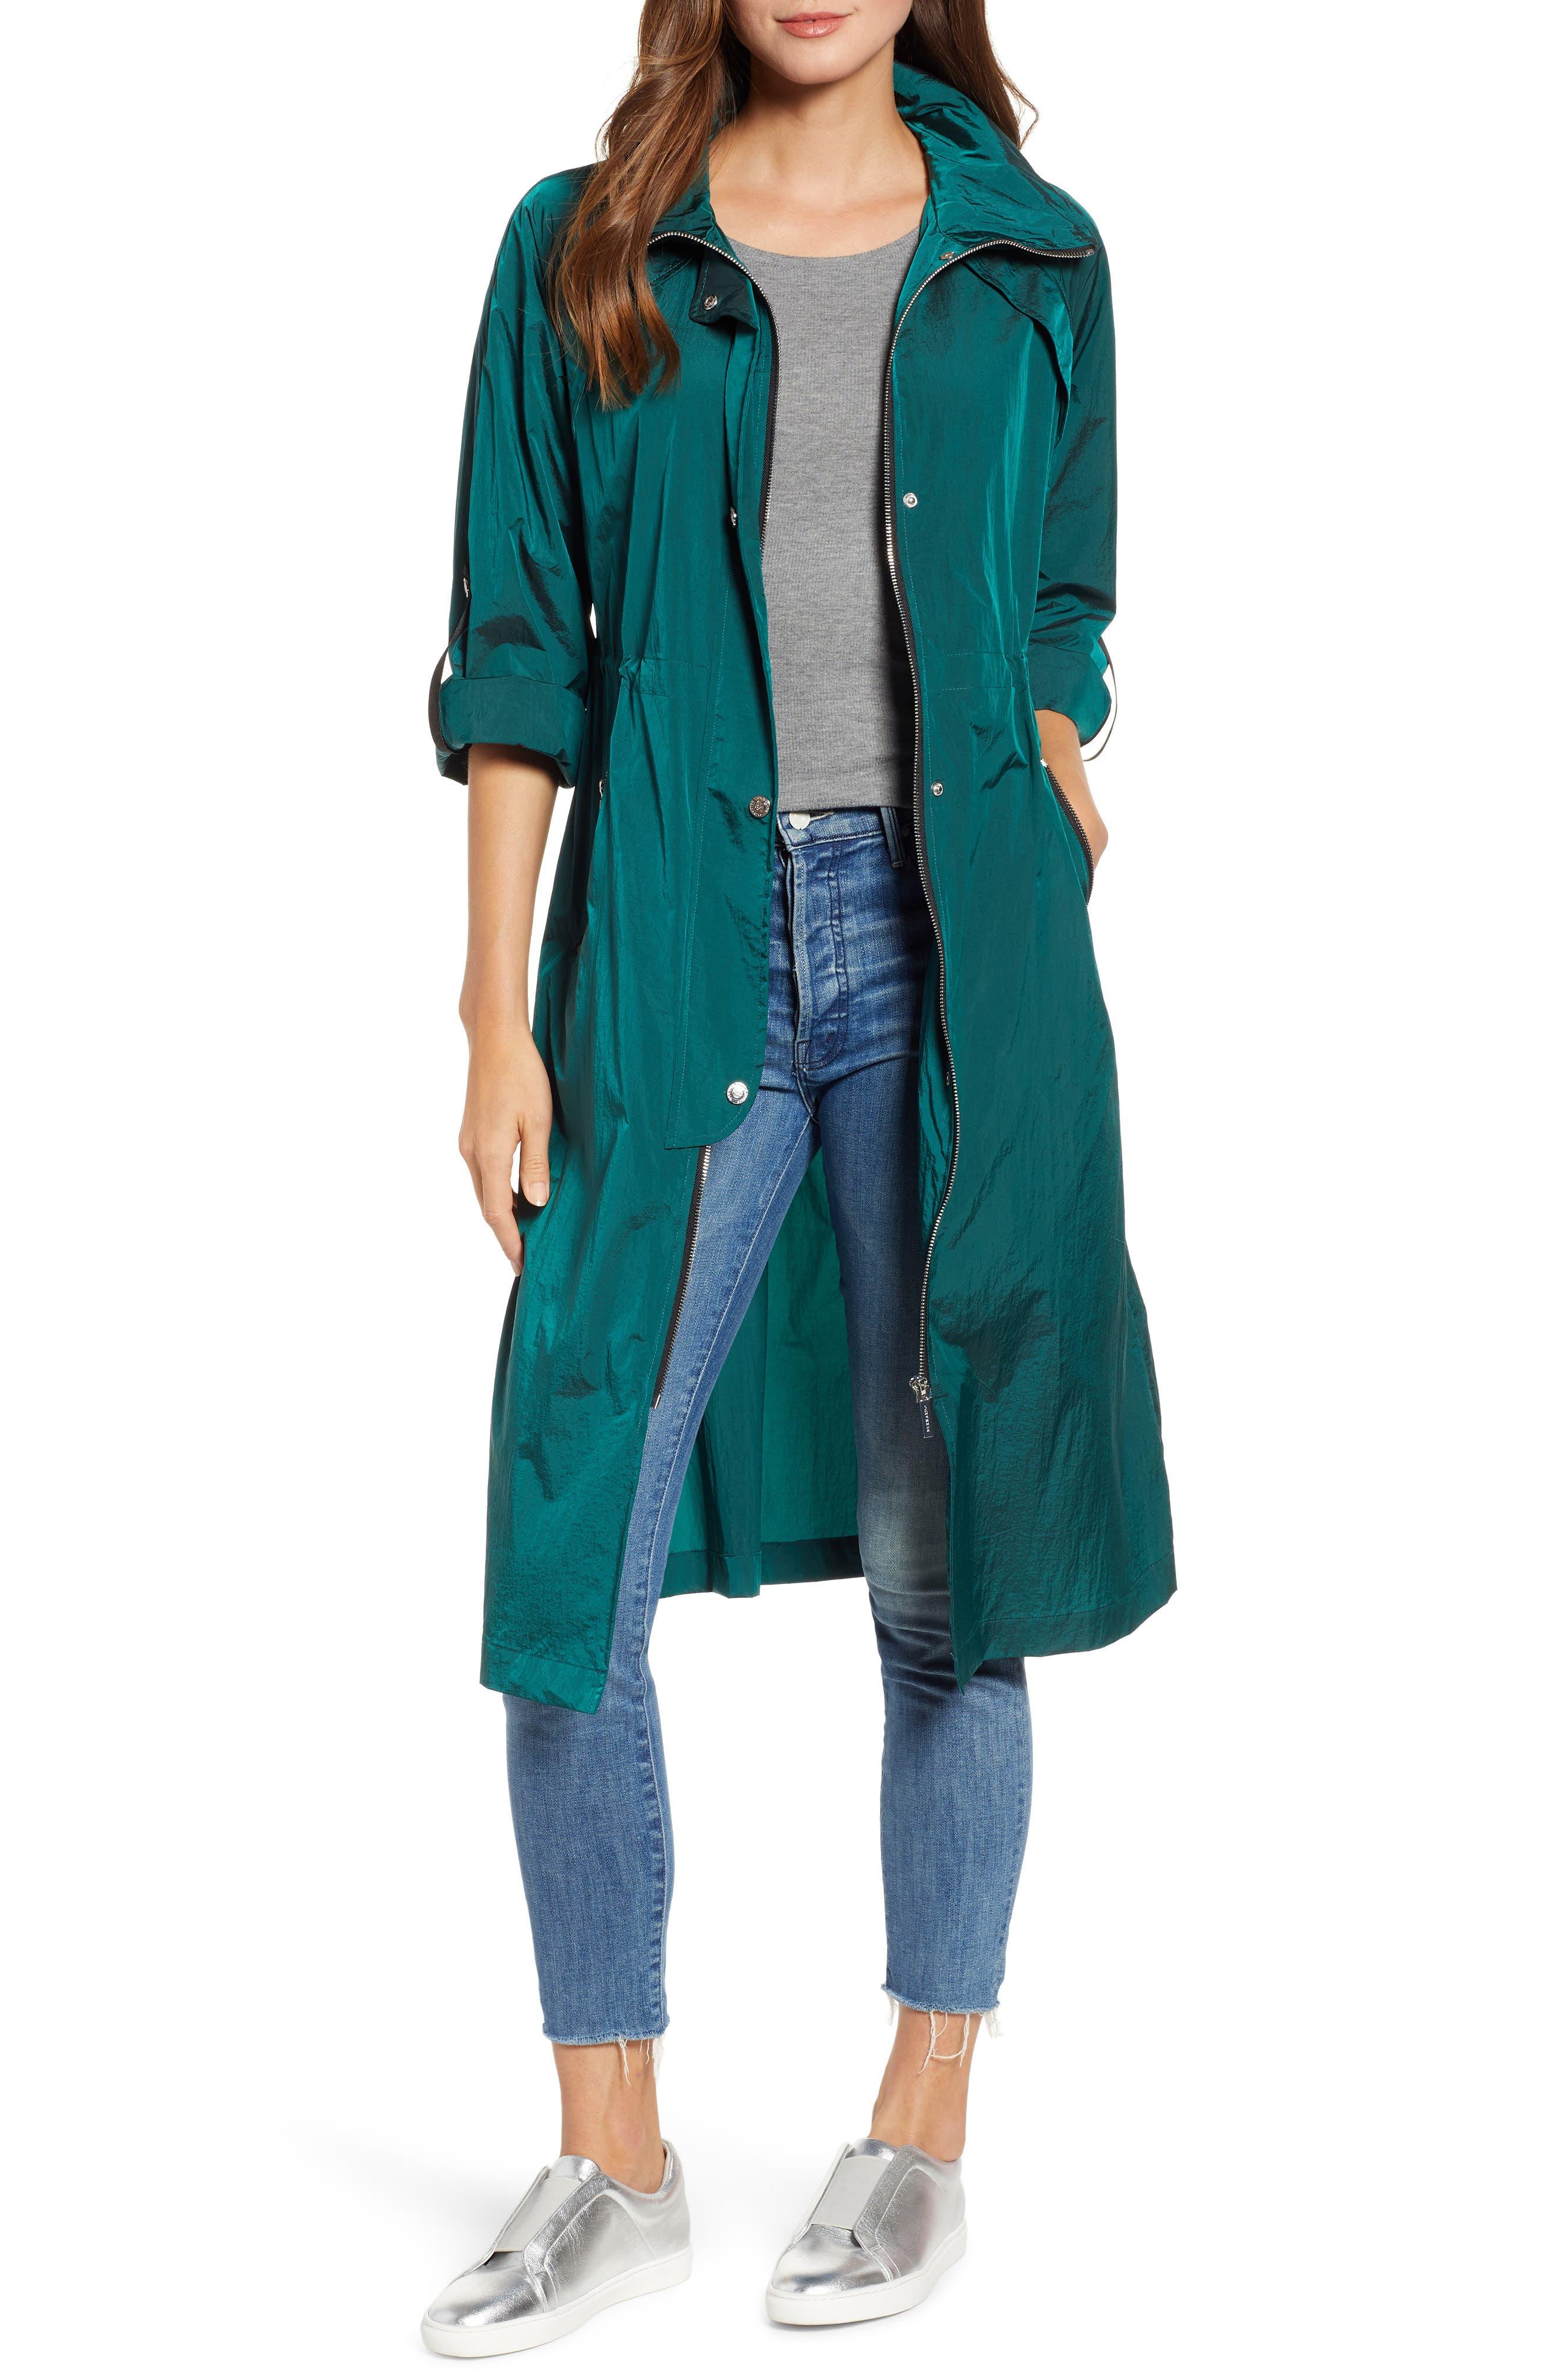 BERNARDO, Crinkle Nylon Long Hooded Parka, Main thumbnail 1, color, GREEN